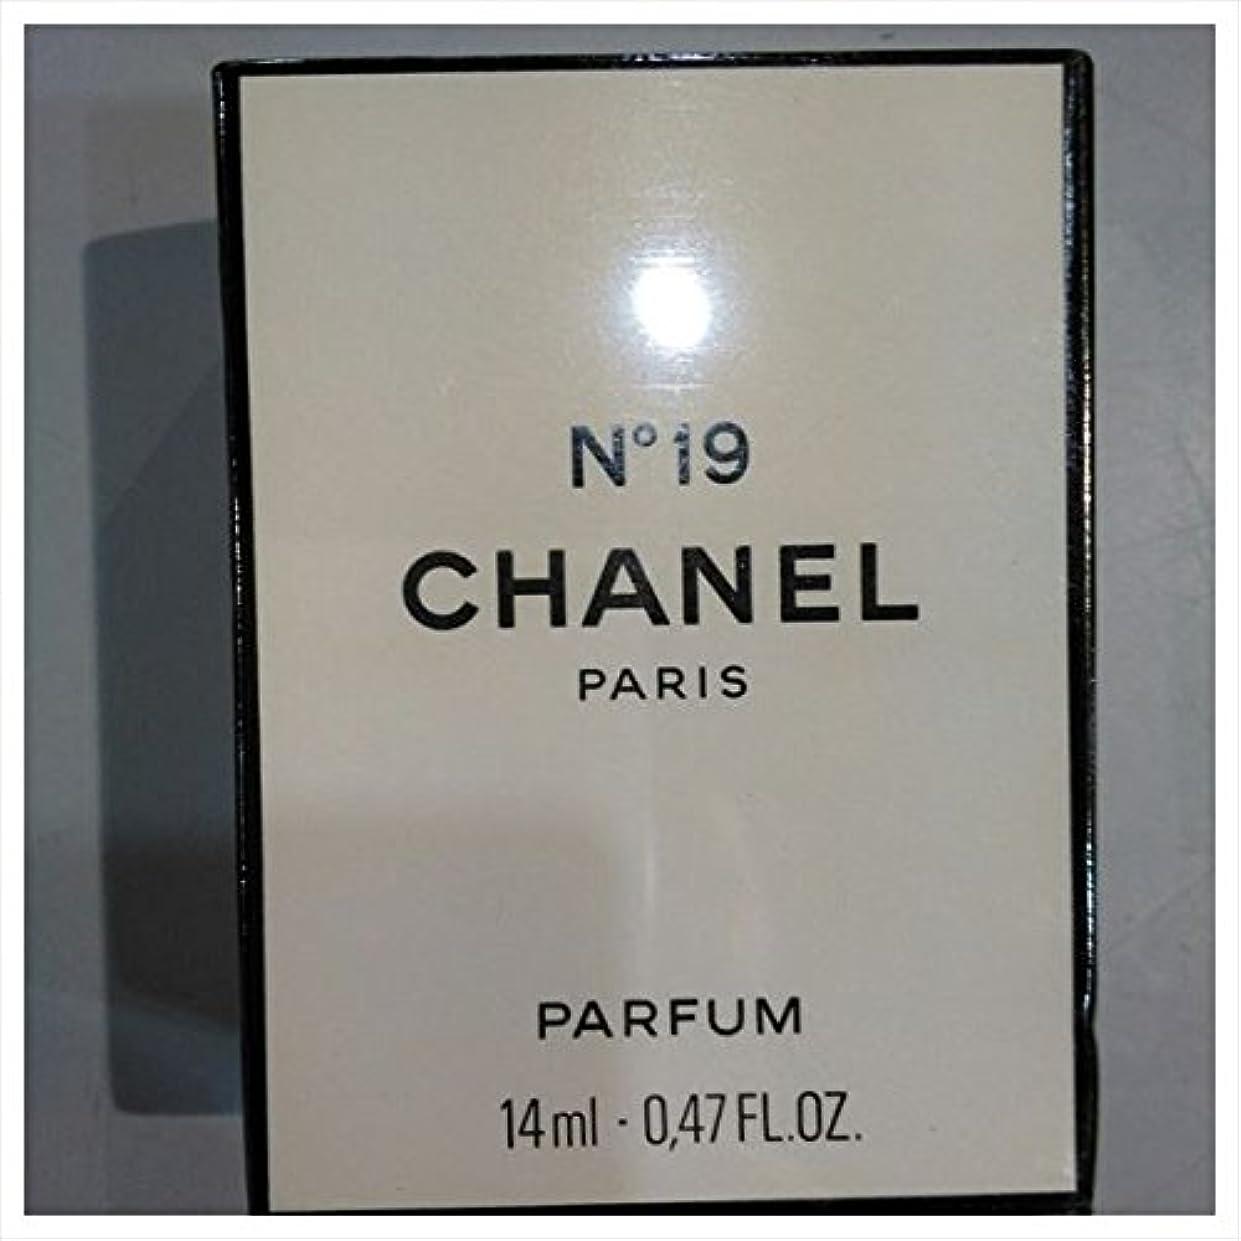 独立してましい傾向があるシャネル No.19 PARFUM 14ml 19番 (並行輸入)